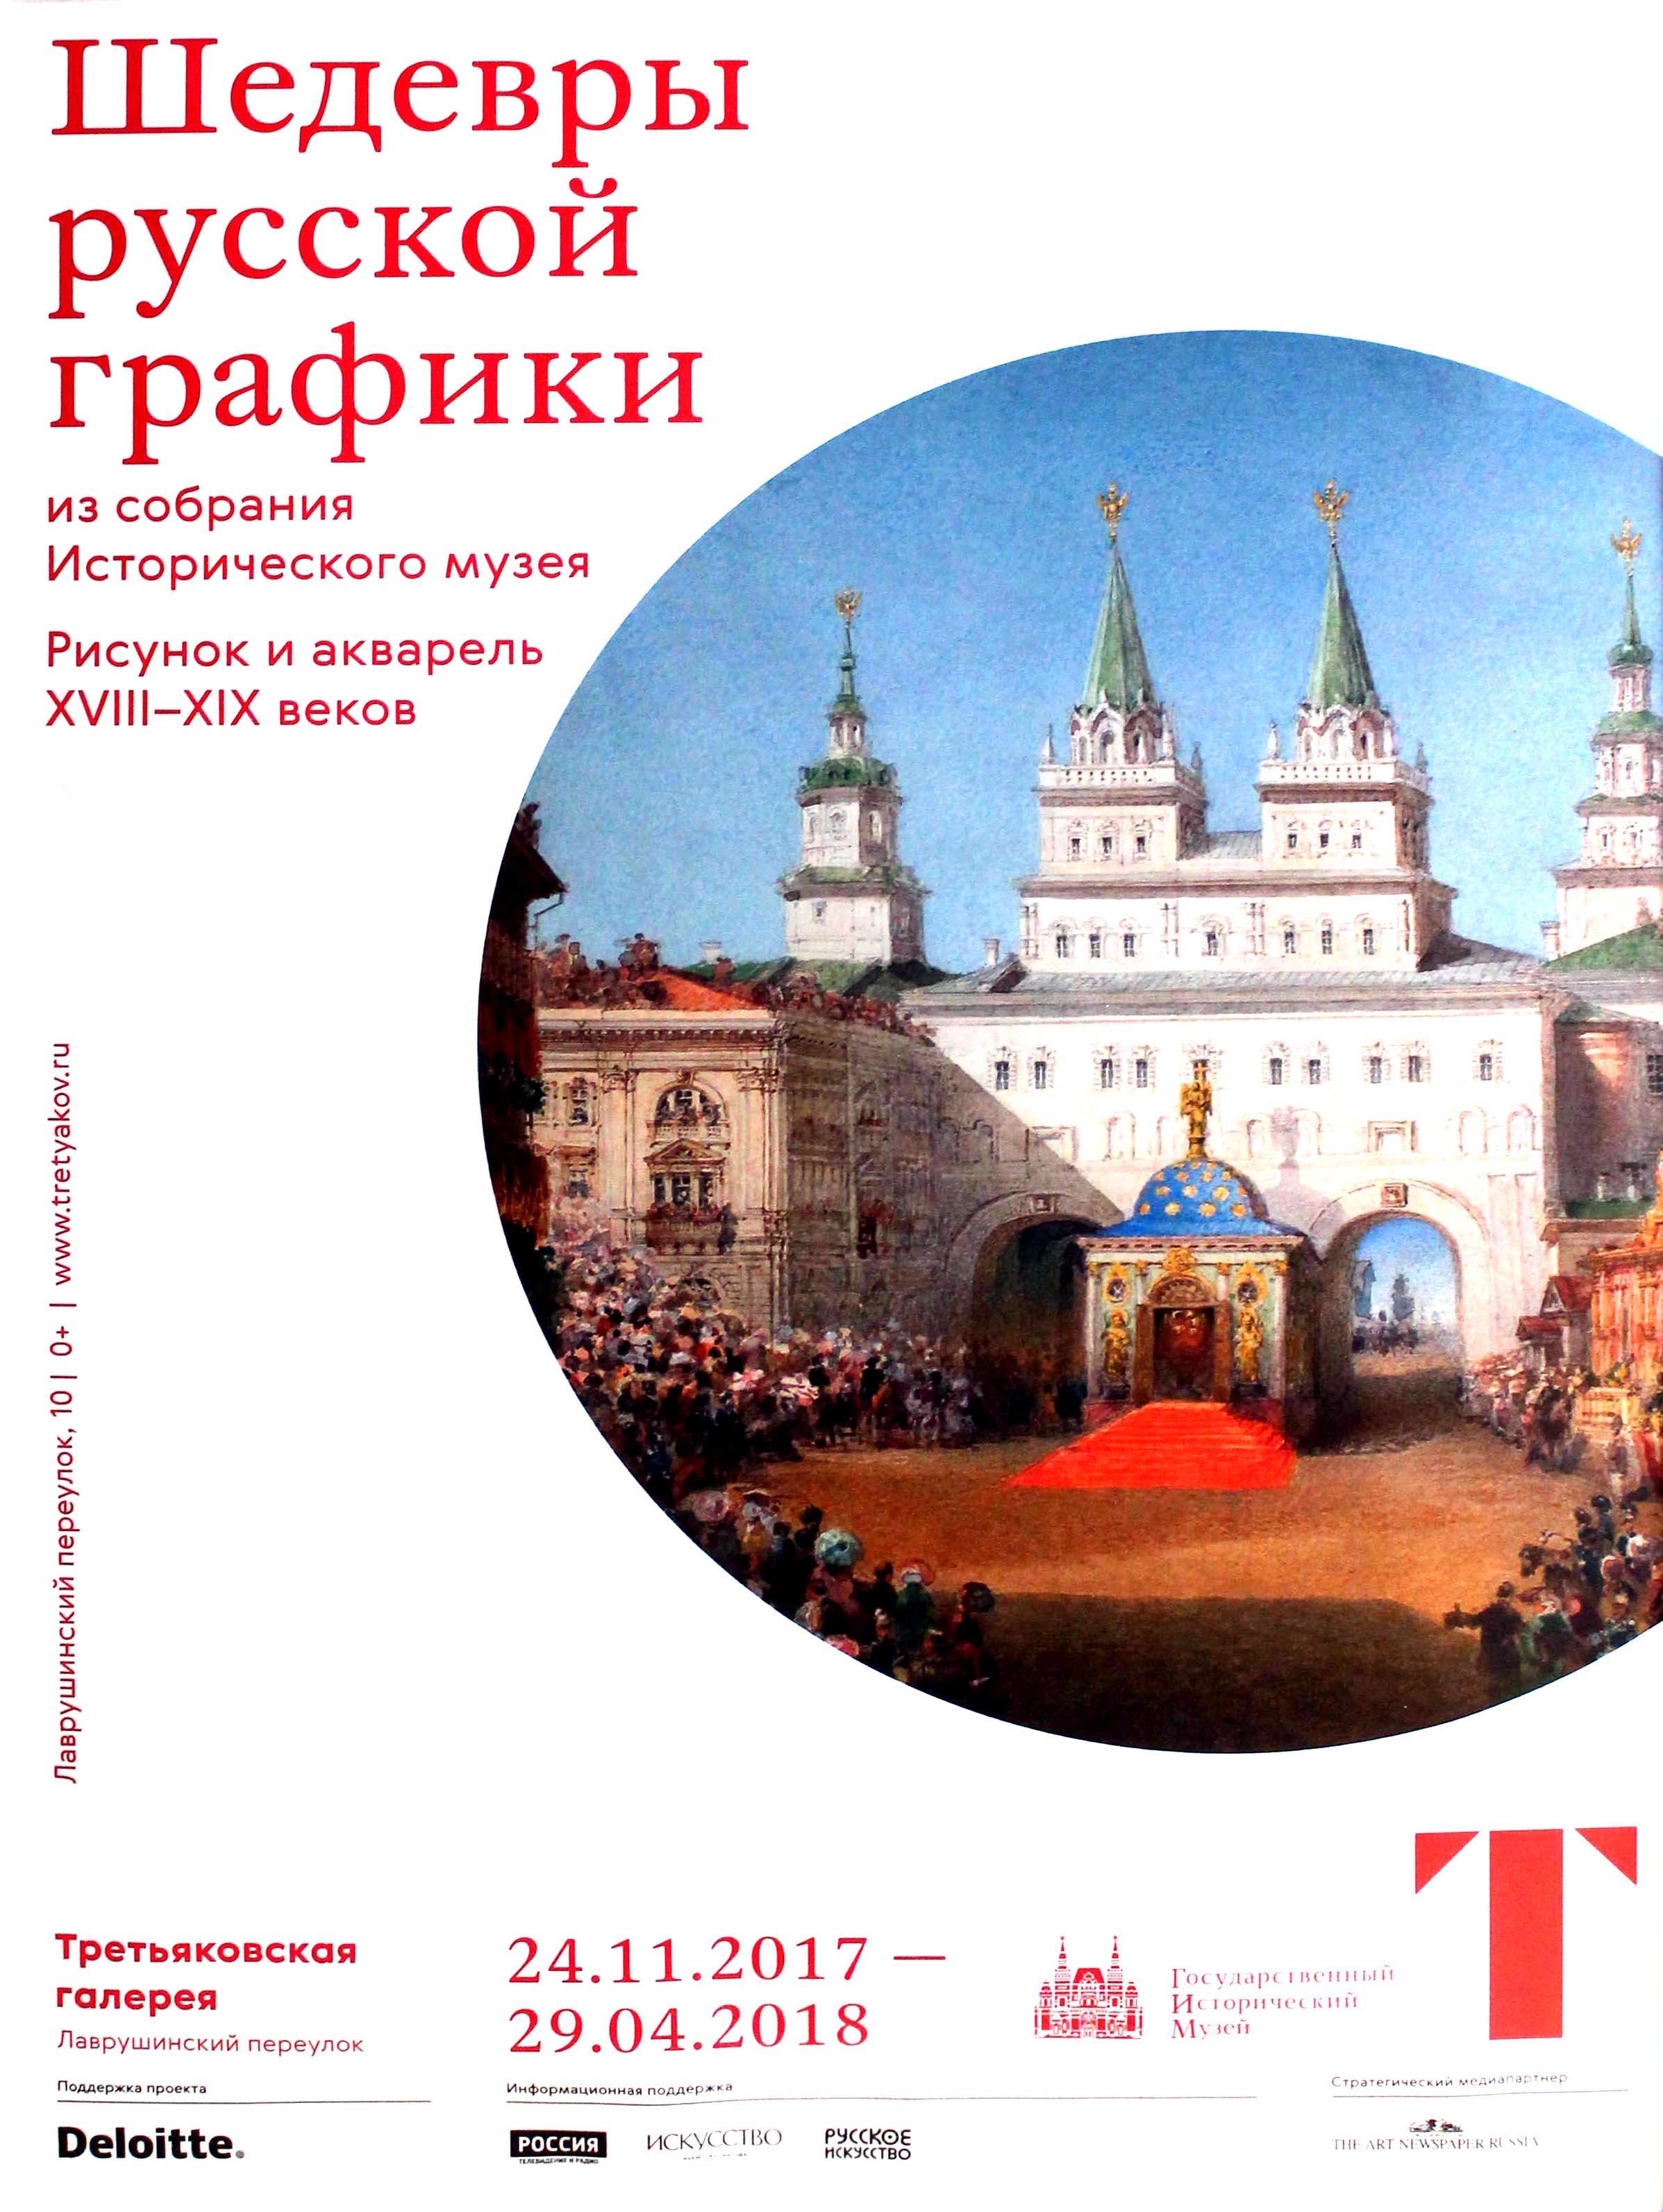 Шедевры русской графики